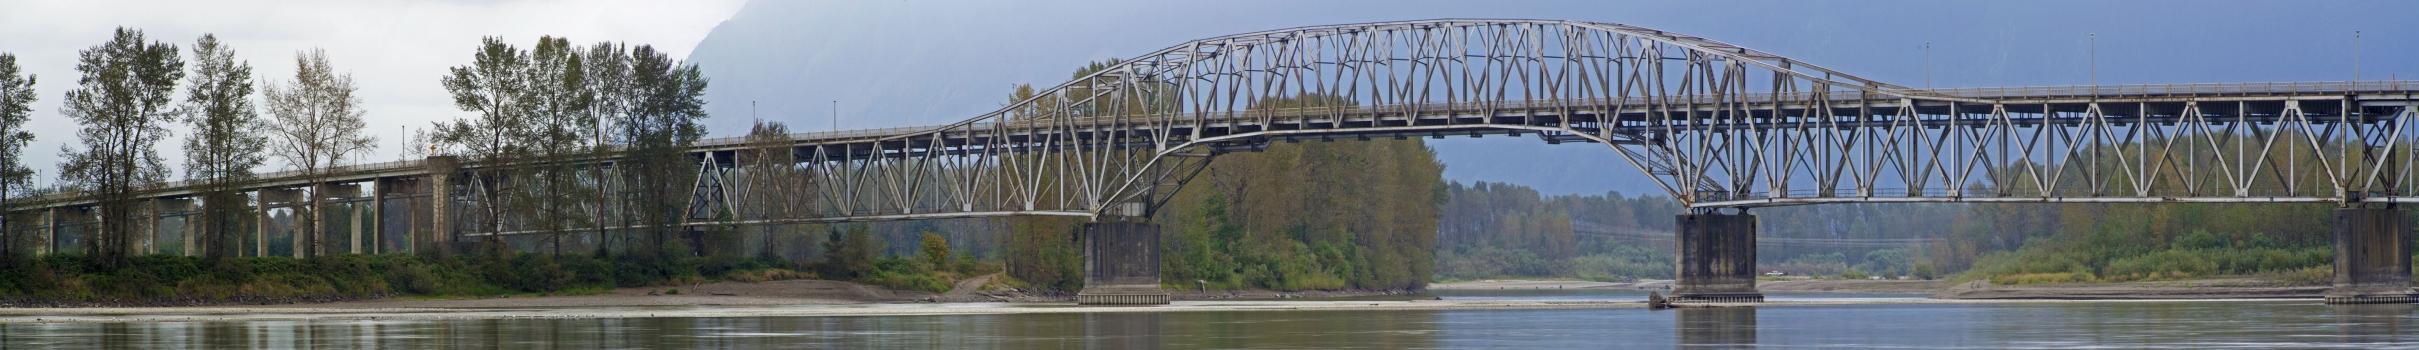 Agassiz-Rosedale Bridge